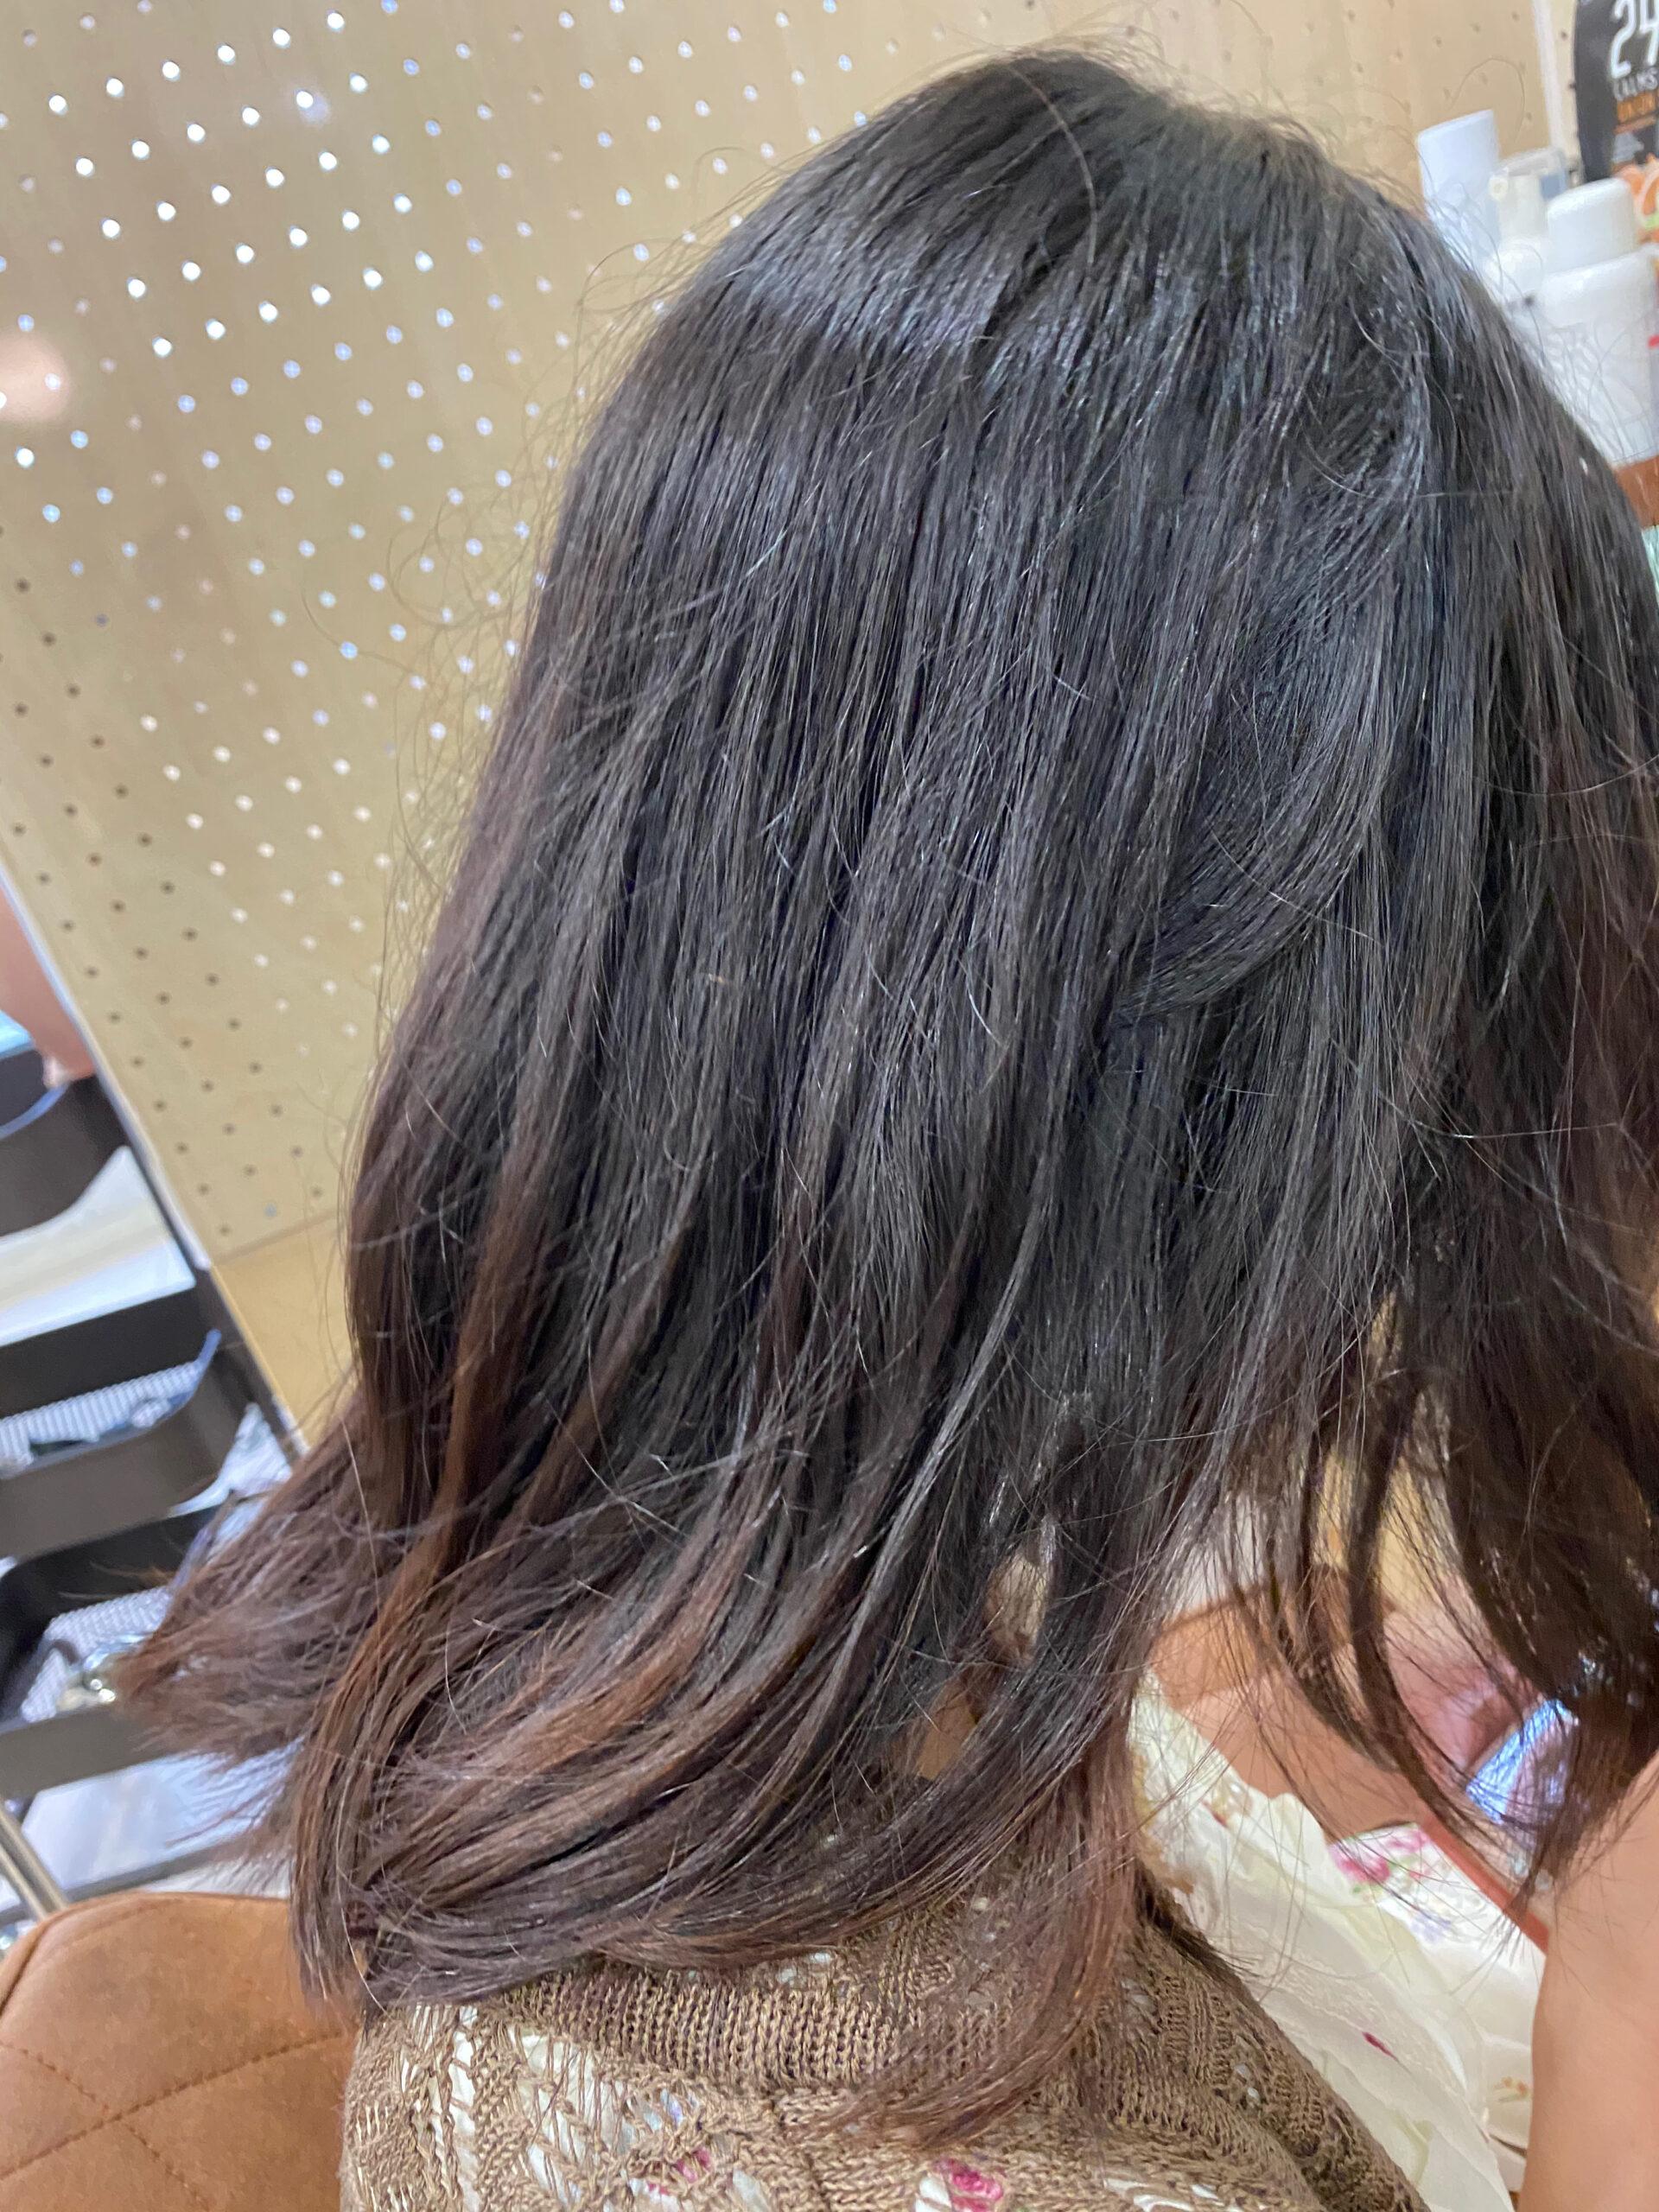 ジュエリーシステム×LULUトリートメント×縮毛矯正でまとまる艶髪。